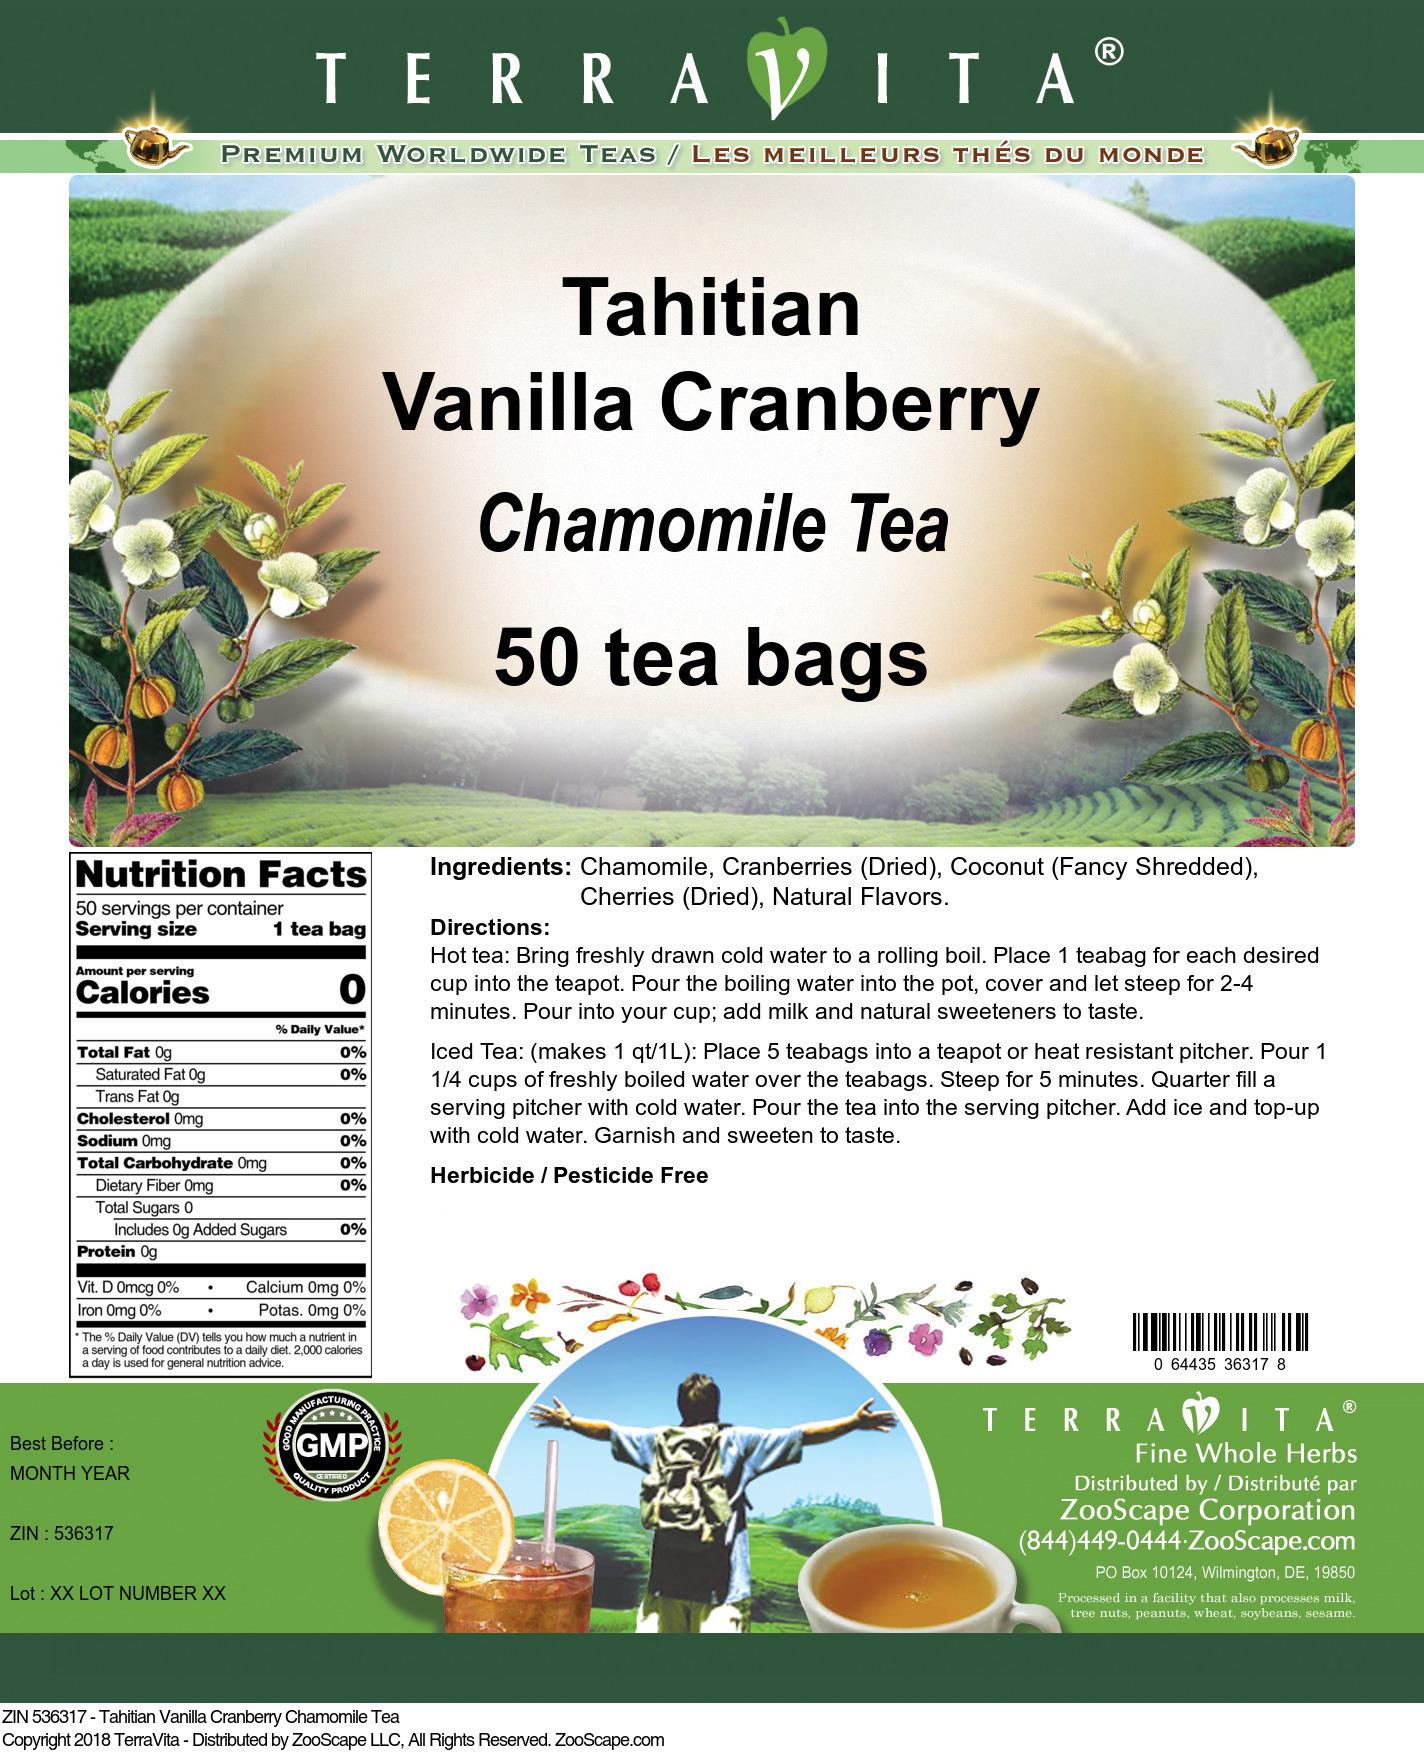 Tahitian Vanilla Cranberry Chamomile Tea